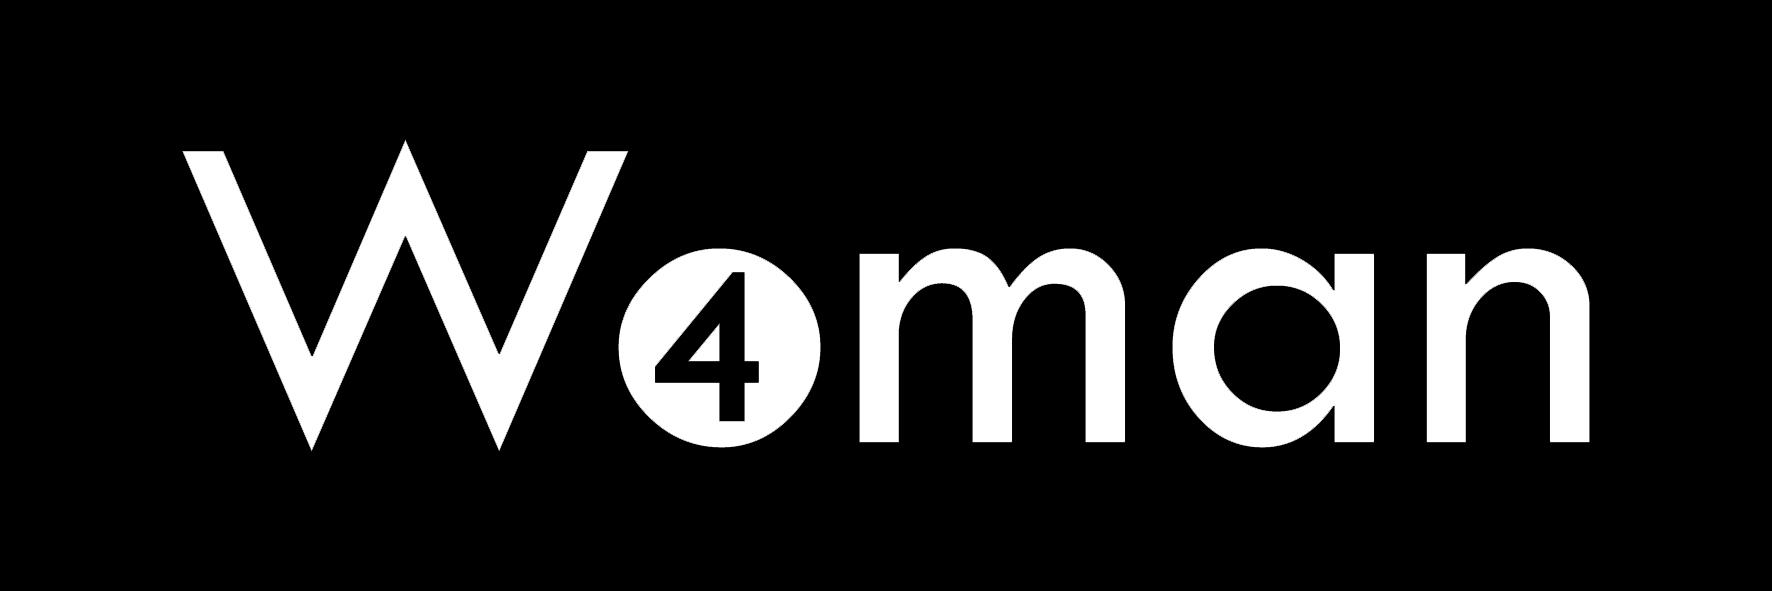 4Woman